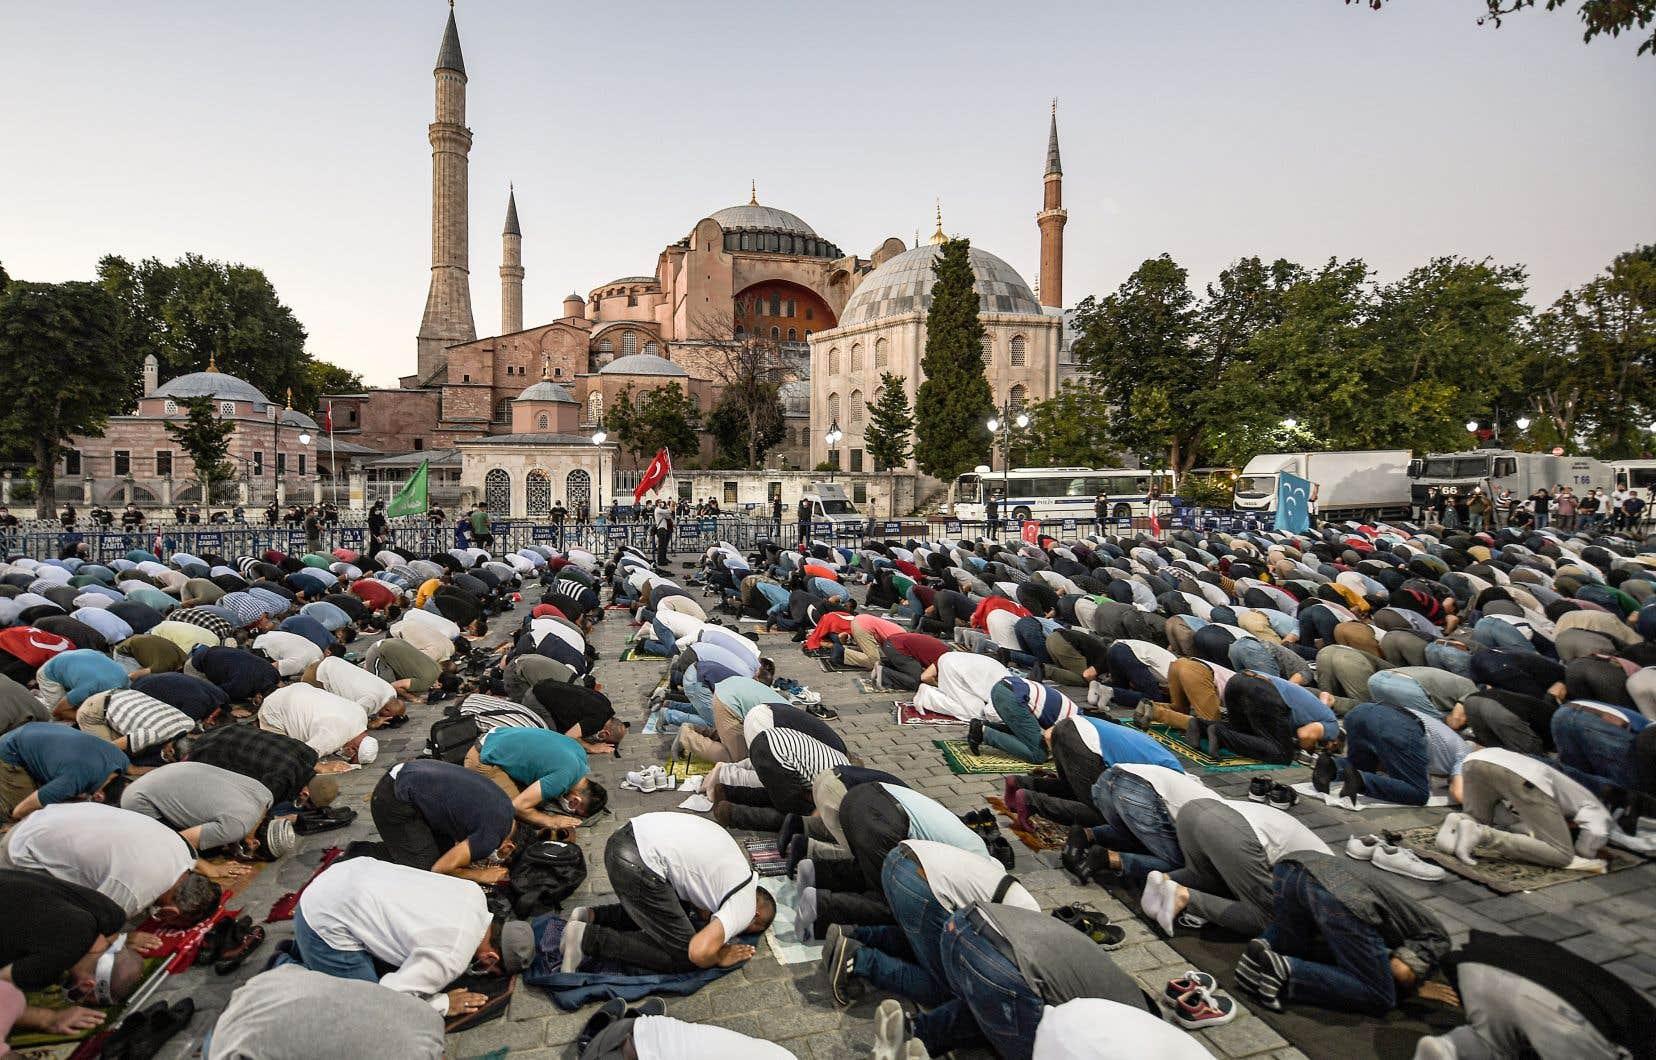 Pour fêter la décision du Conseil d'État, quelques centaines de personnes se sont rassemblées devant l'ancienne basilique vendredi et ont accompli la prière collective du soir.